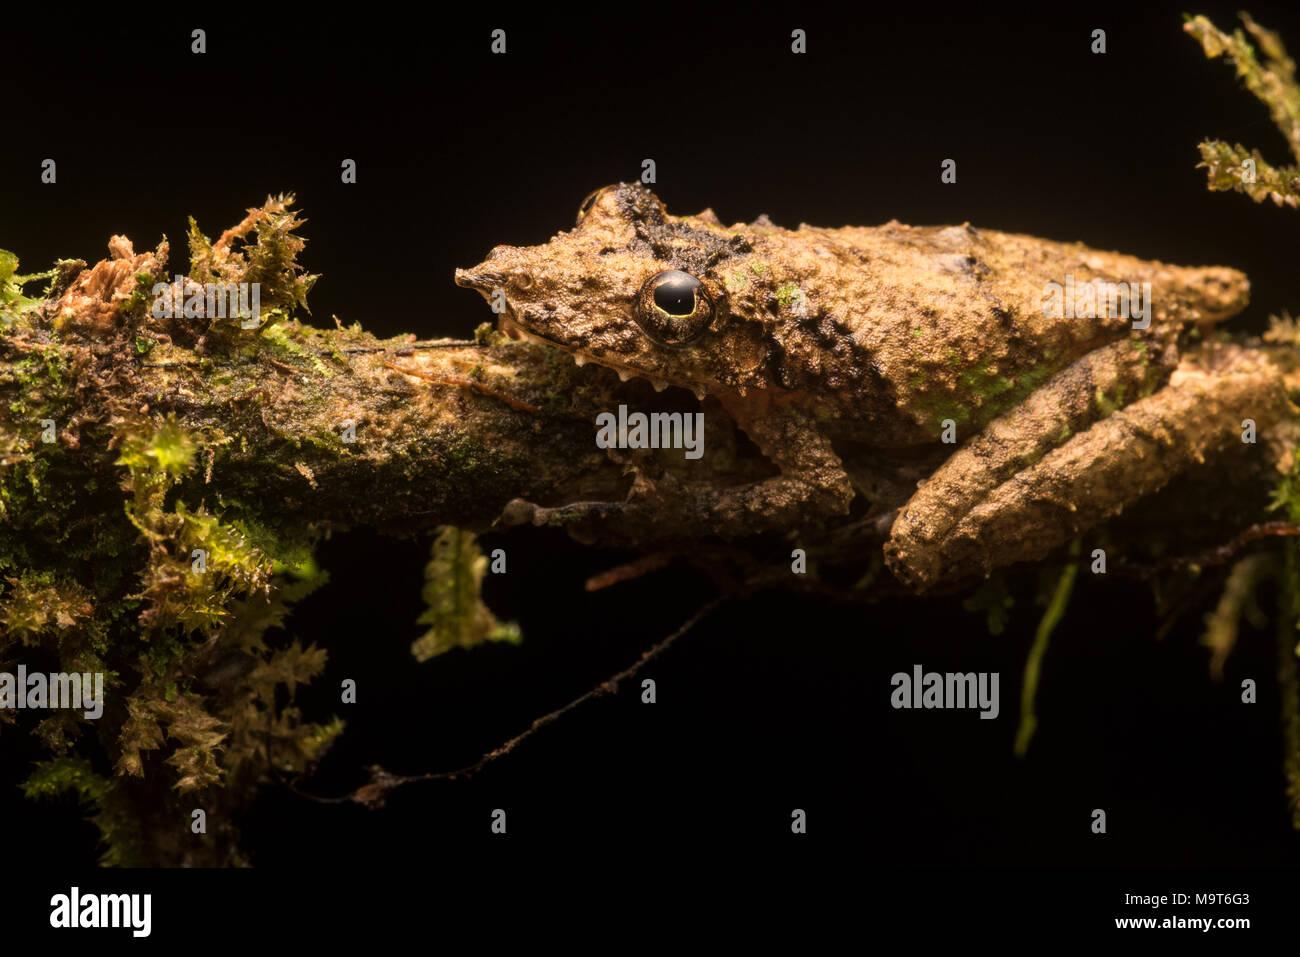 Eine snouted Laubfrosch (Scinax garbei) aus Peru, diese Art ist sehr schwer unter der Vegetation als seine Tarnung zu finden ist ausgezeichnet. Stockbild